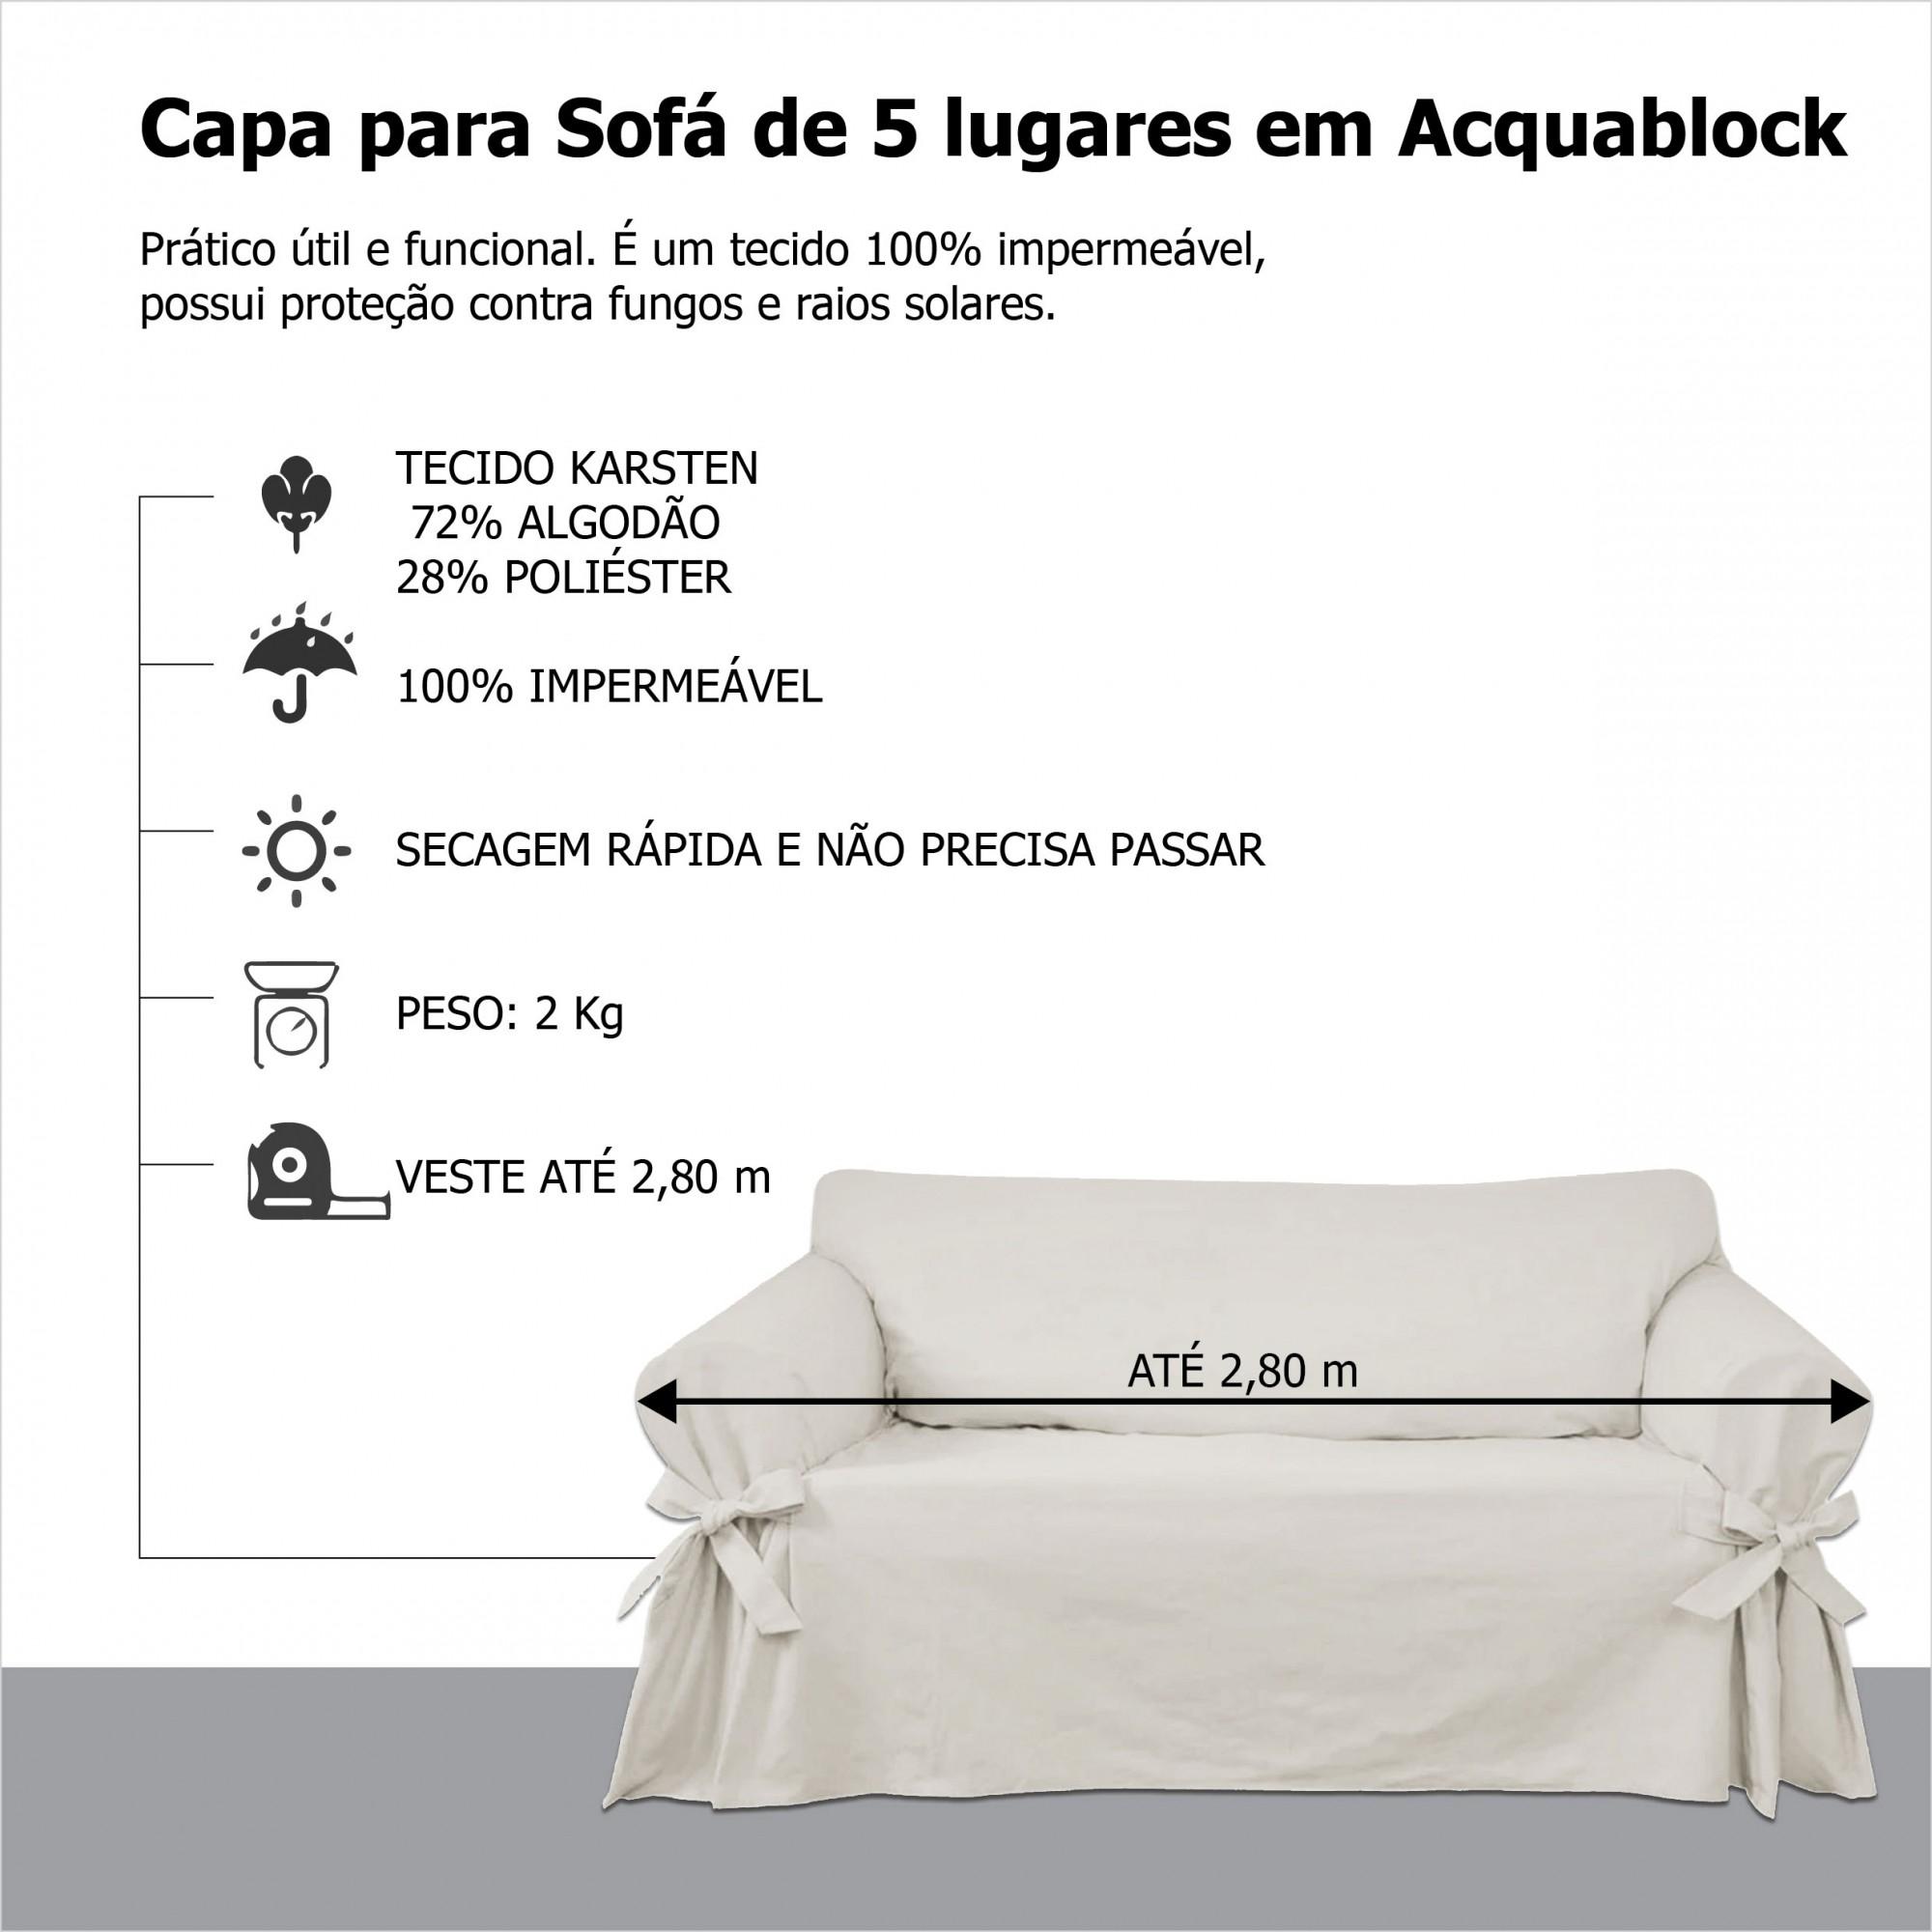 Capa para sofá de 5 lugares em Acquablock Impermeável